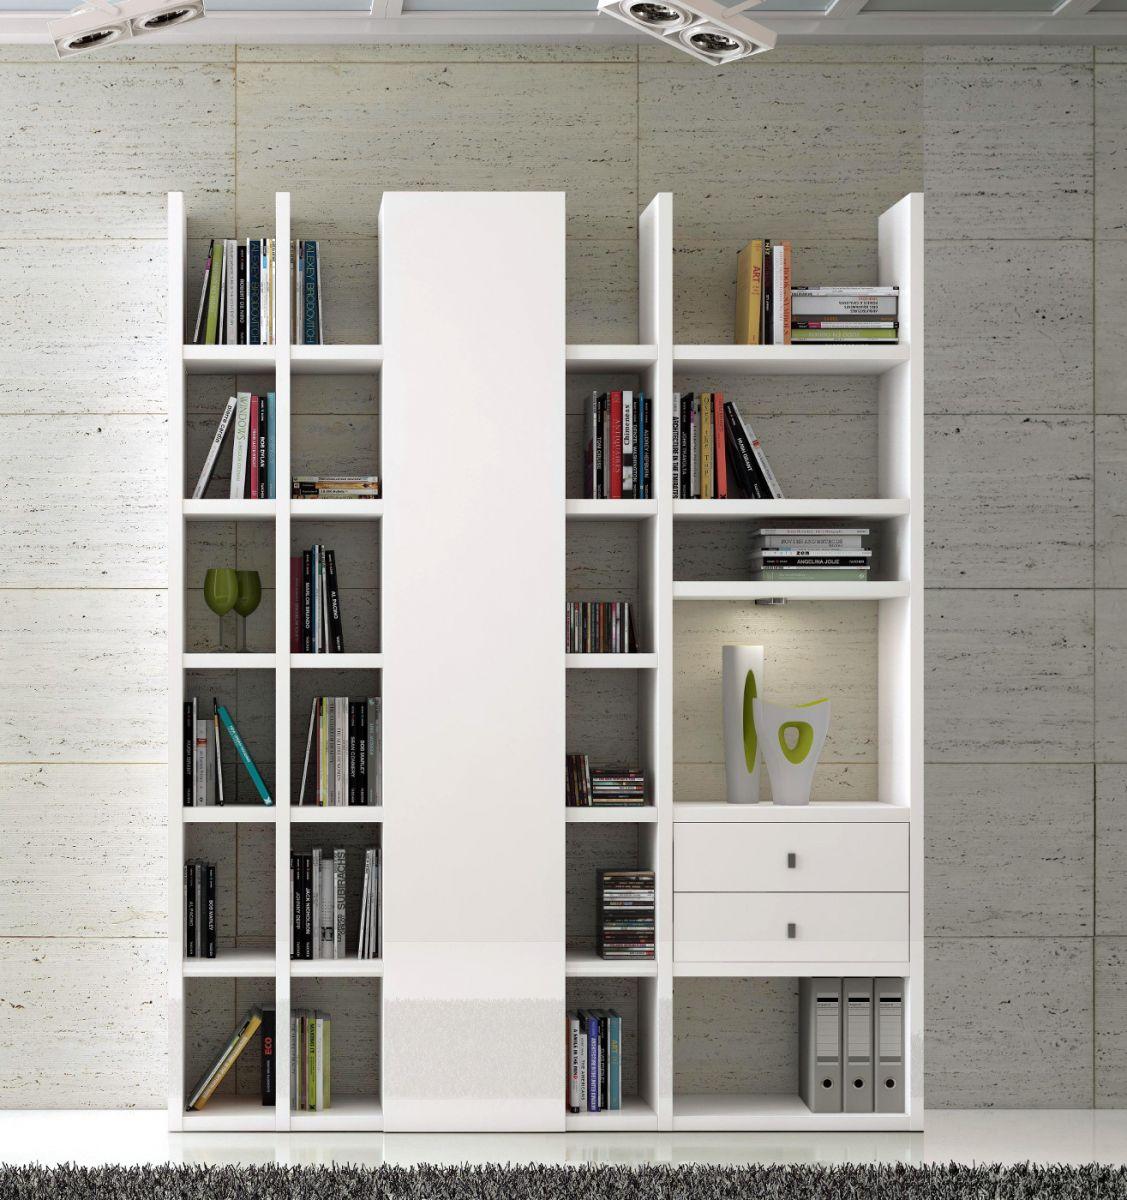 Wohnwand Bücherwand Dekor Lack weiß Hochglanz LED-Beleuchtung Breite 178 cm   Wohnzimmer > Schränke > Wohnwände   Guenstigeinrichten DE